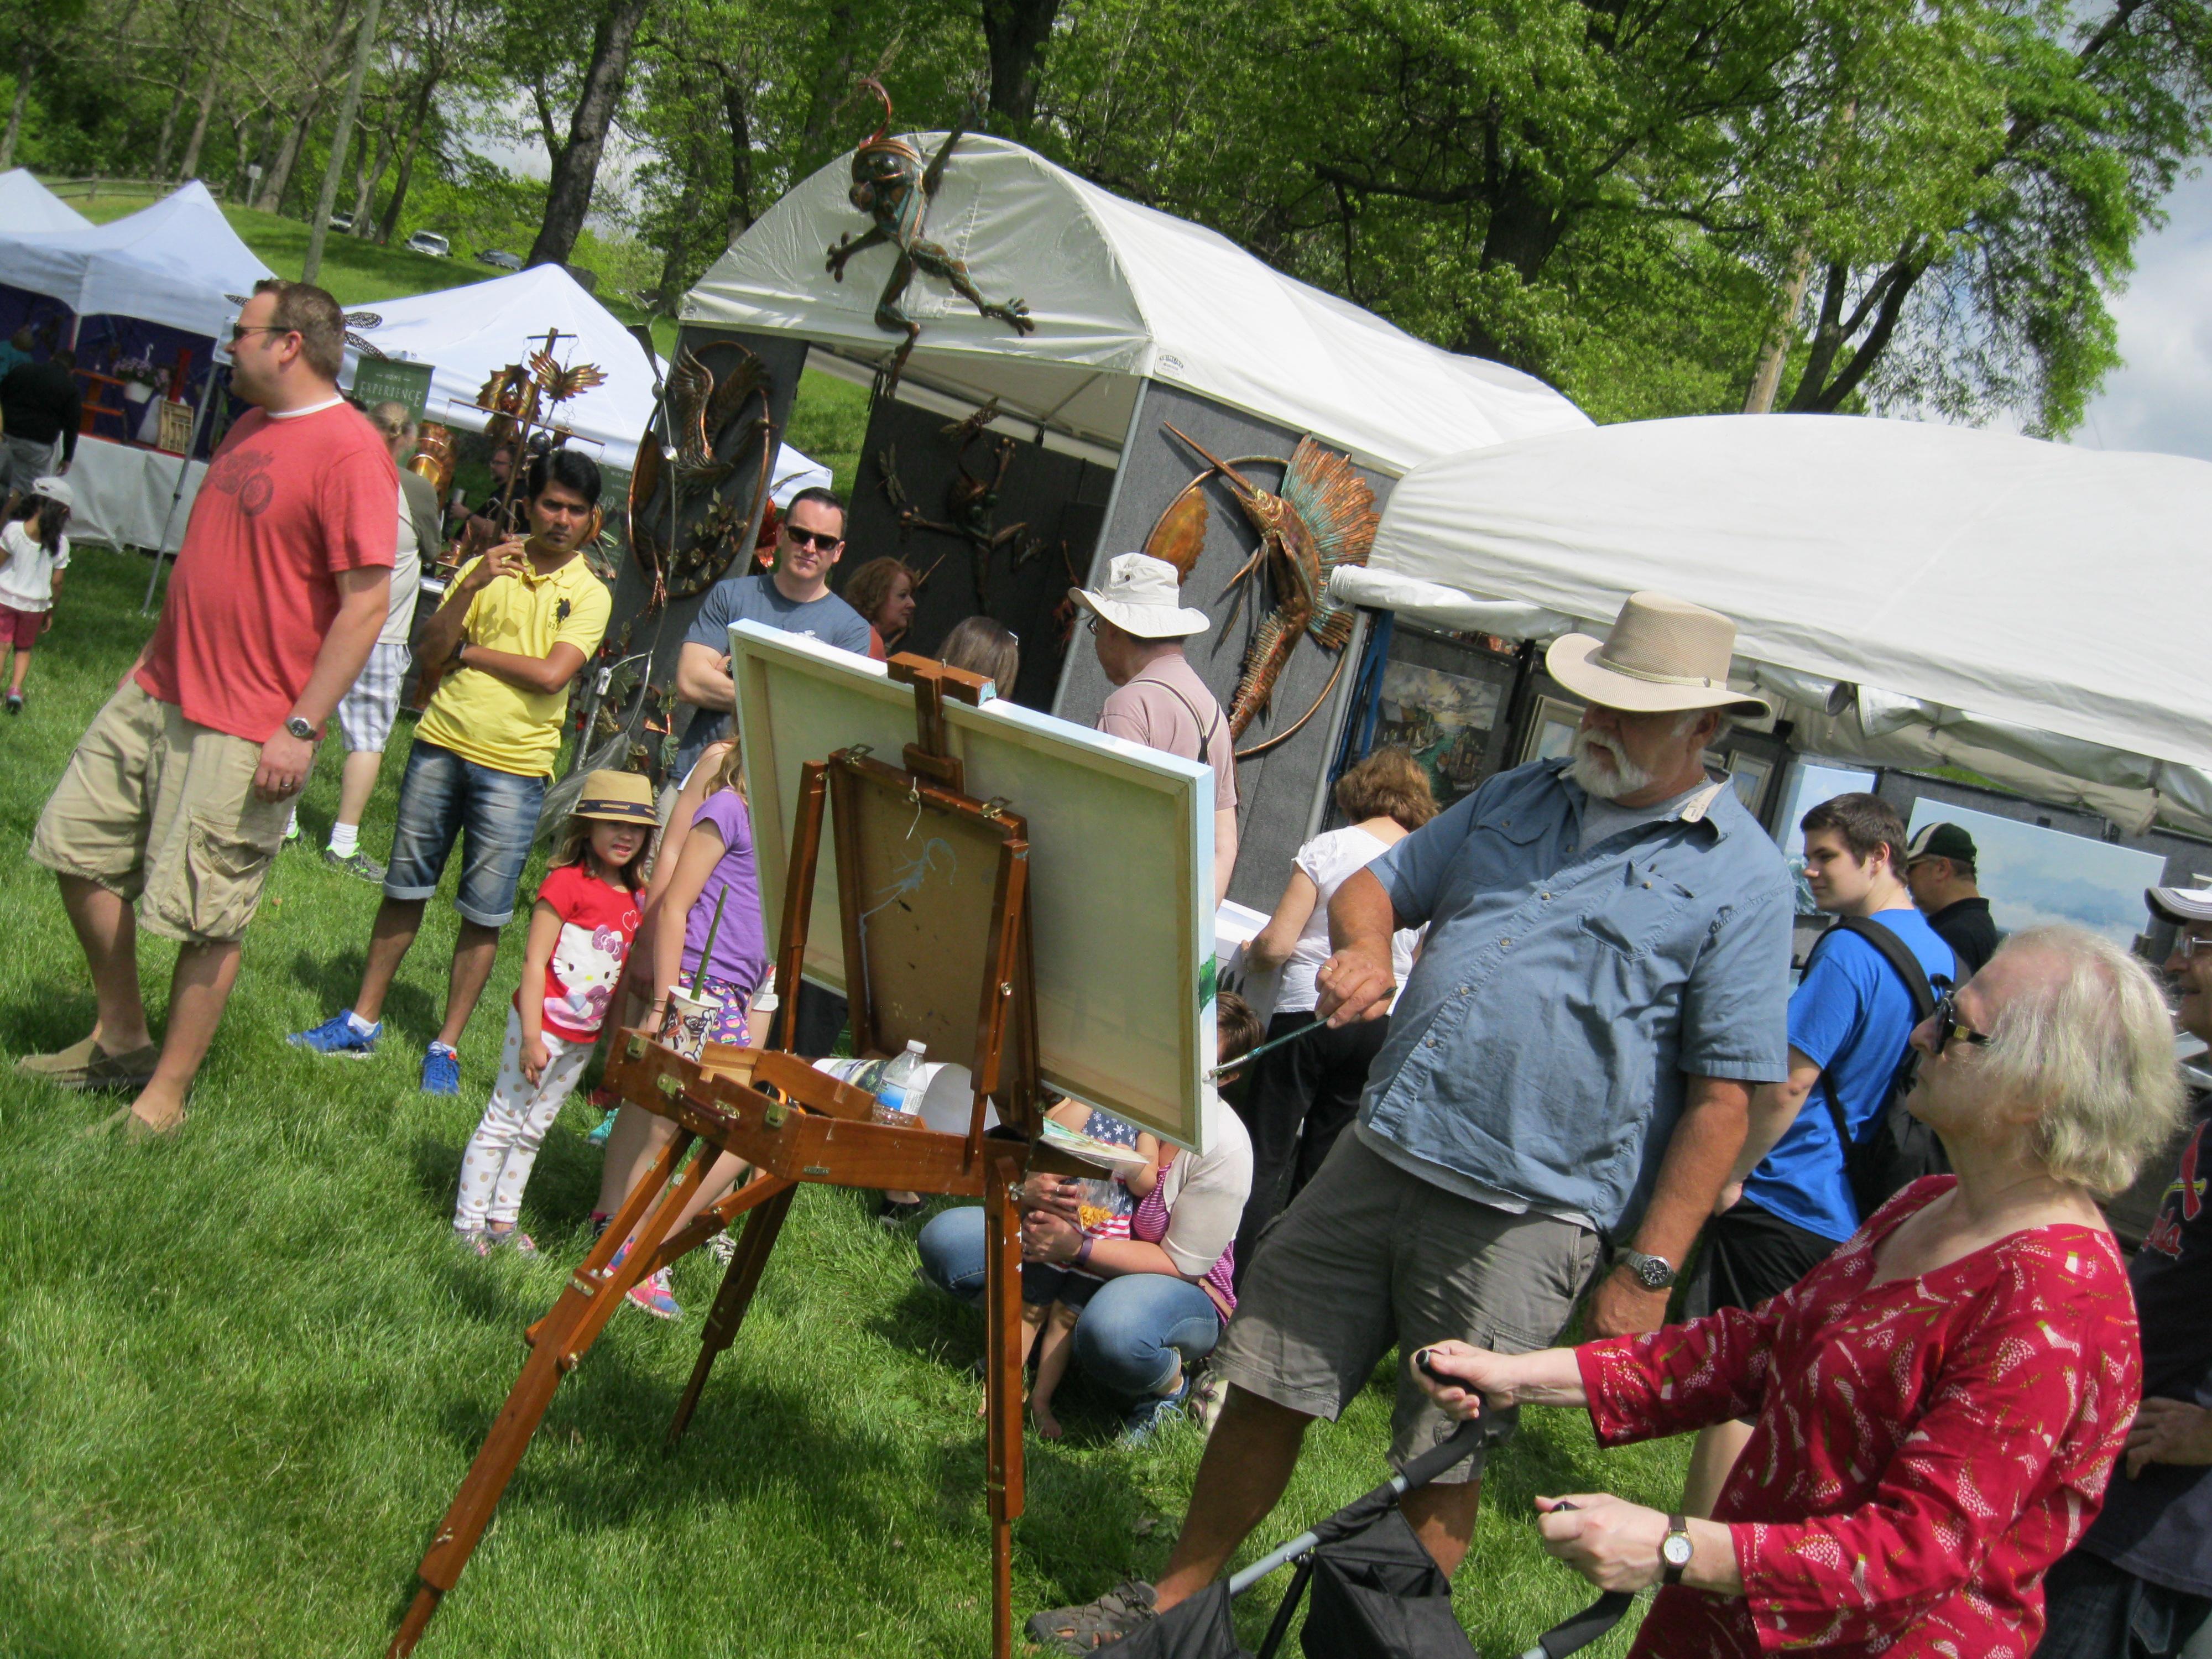 Kensington Art Fair • May 29-31, 2021